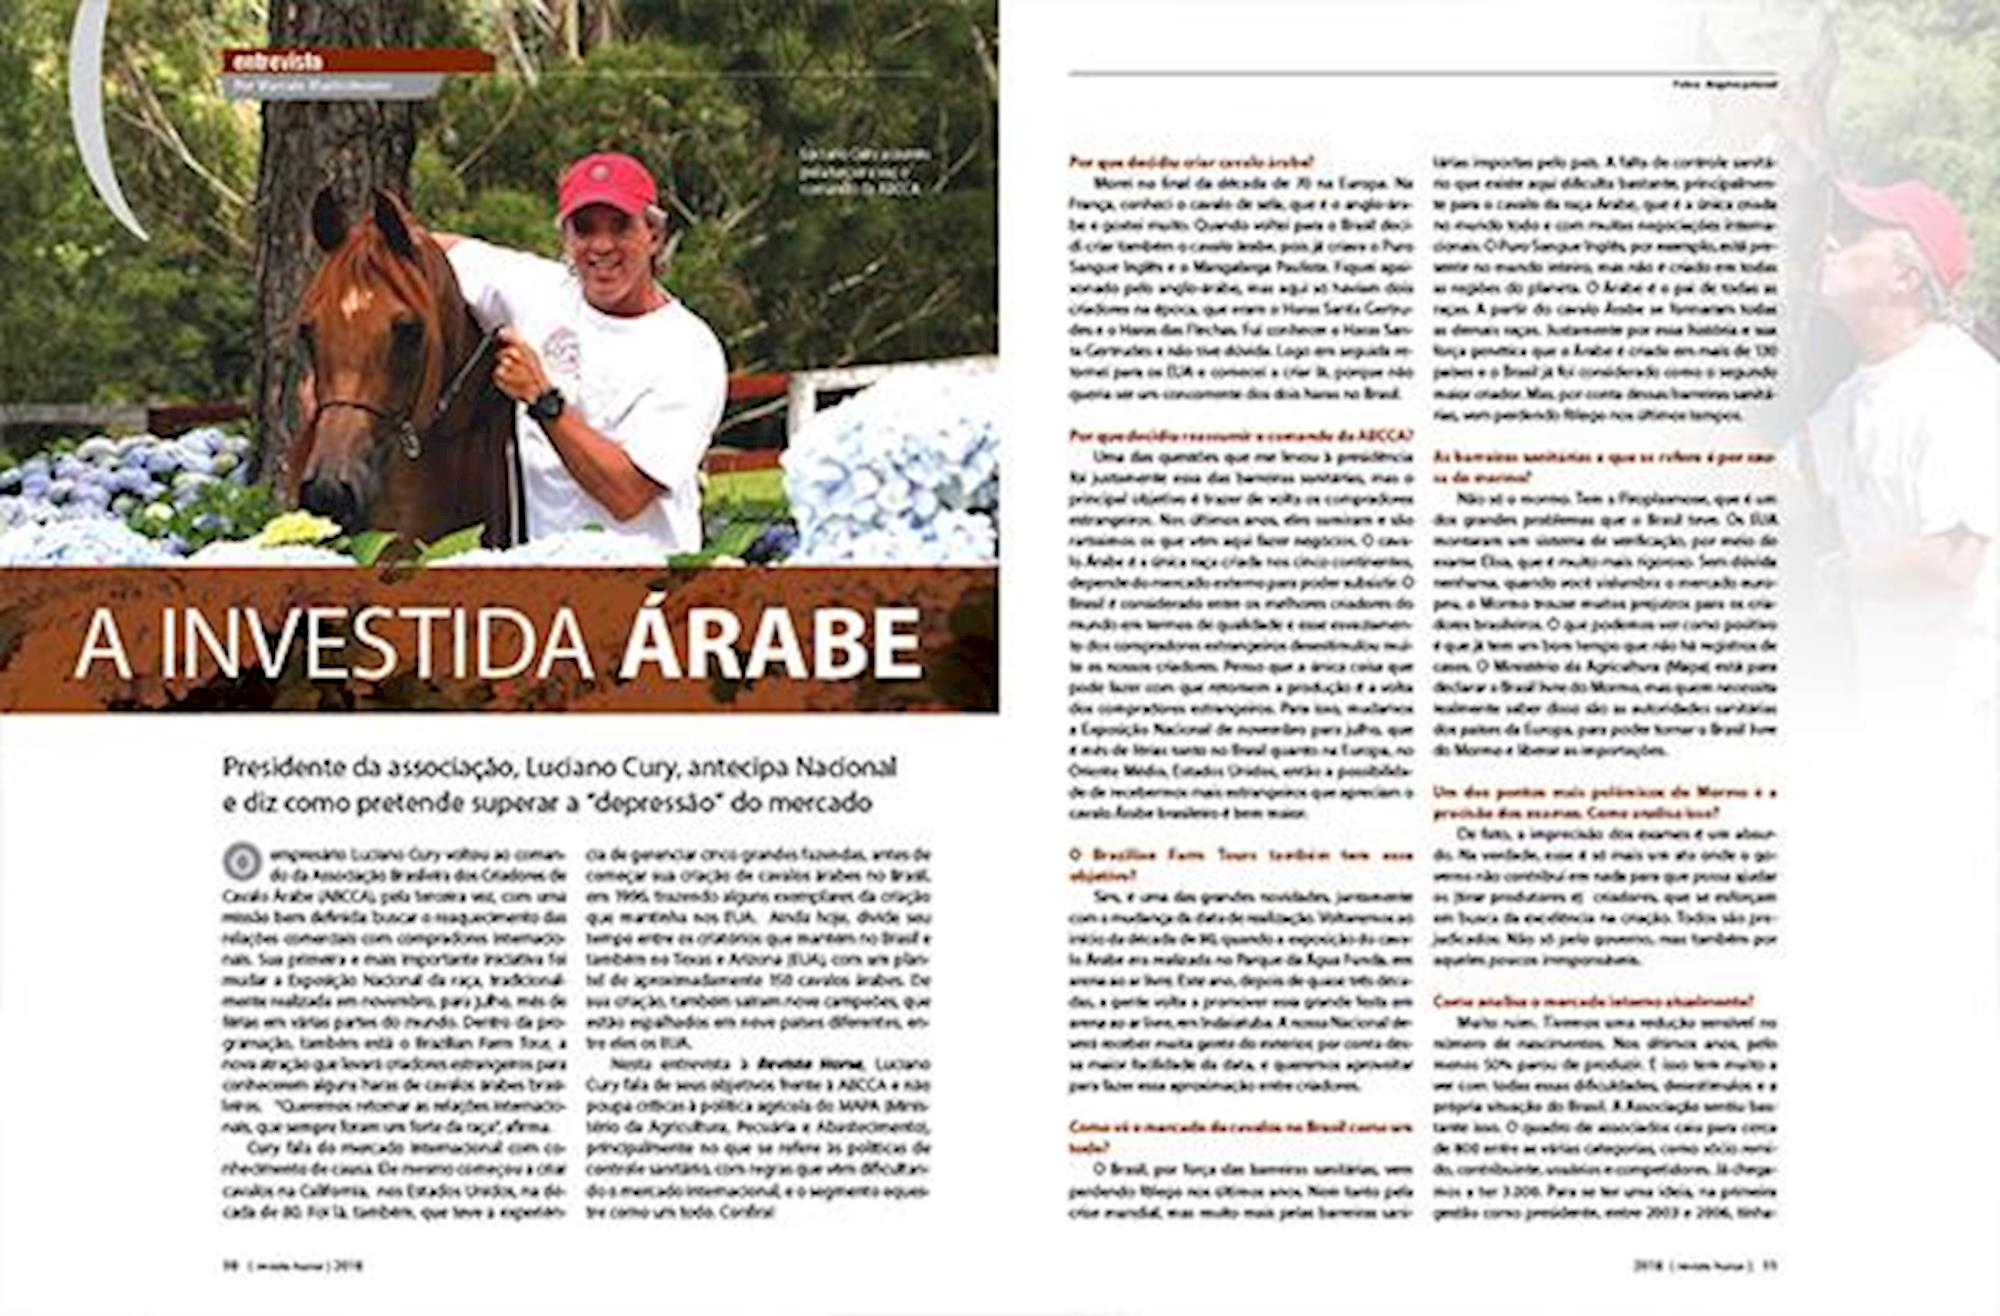 edição 106, Revista Horse, Luciano Cury, cavalo Árabe, ABCCA,